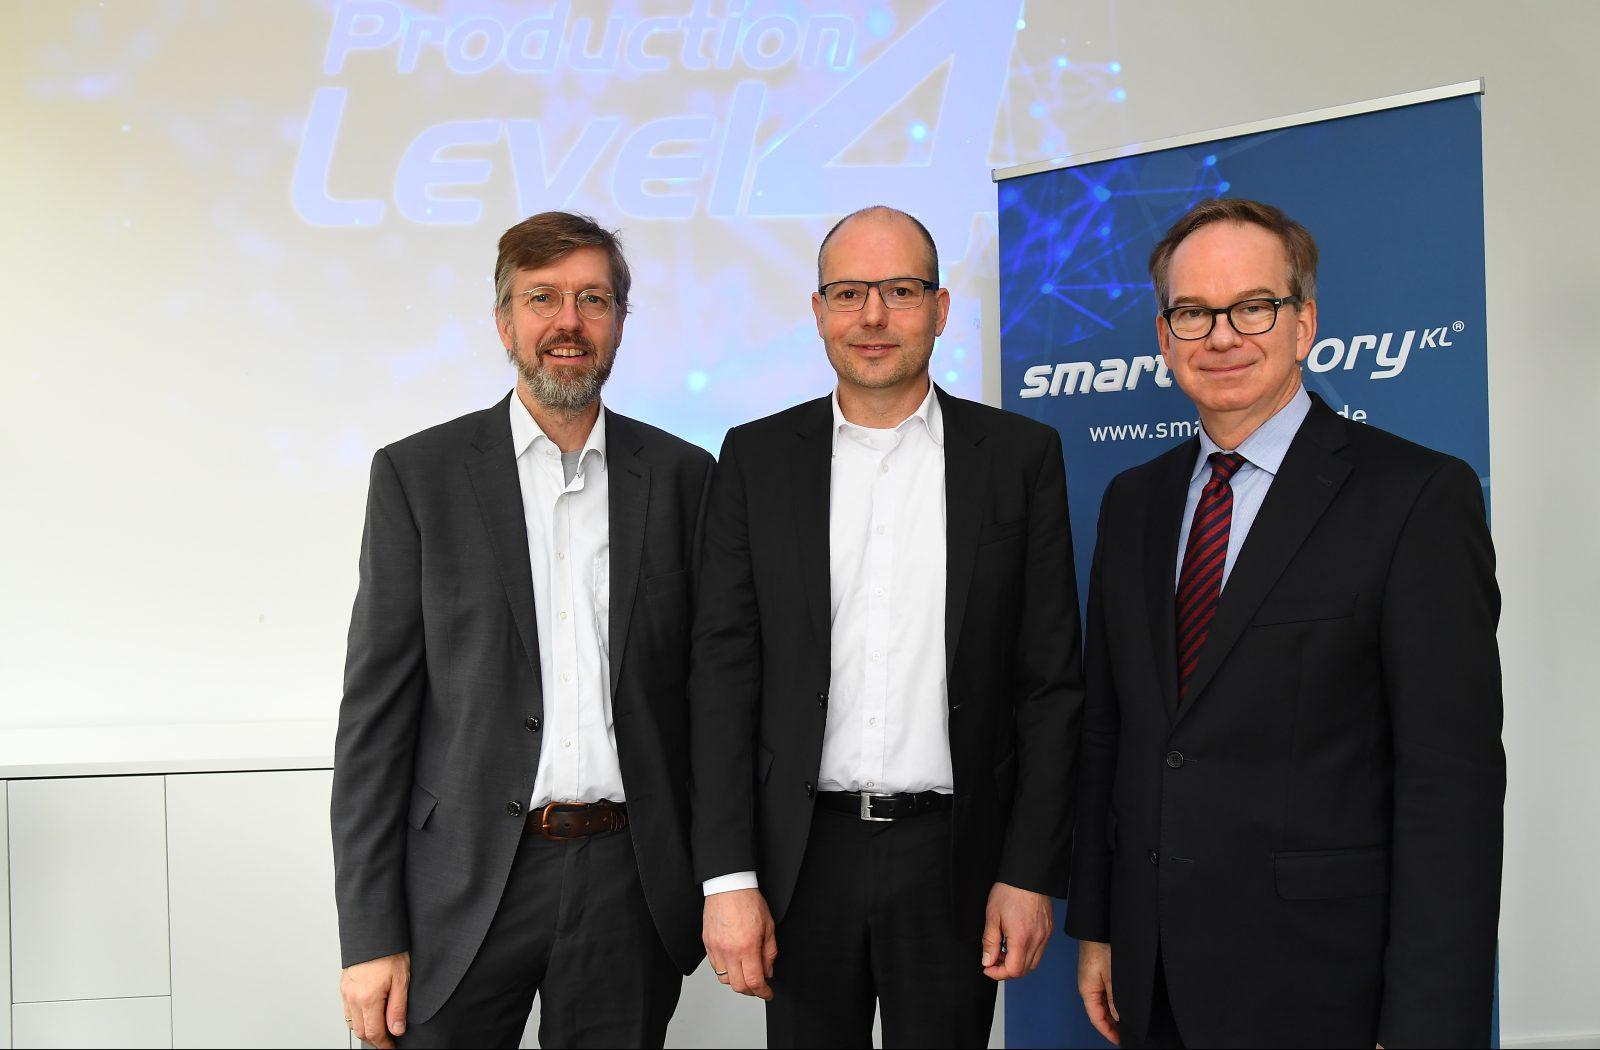 SmartFactoryKL stellt Produktion der Zukunft vor: Production Level 4